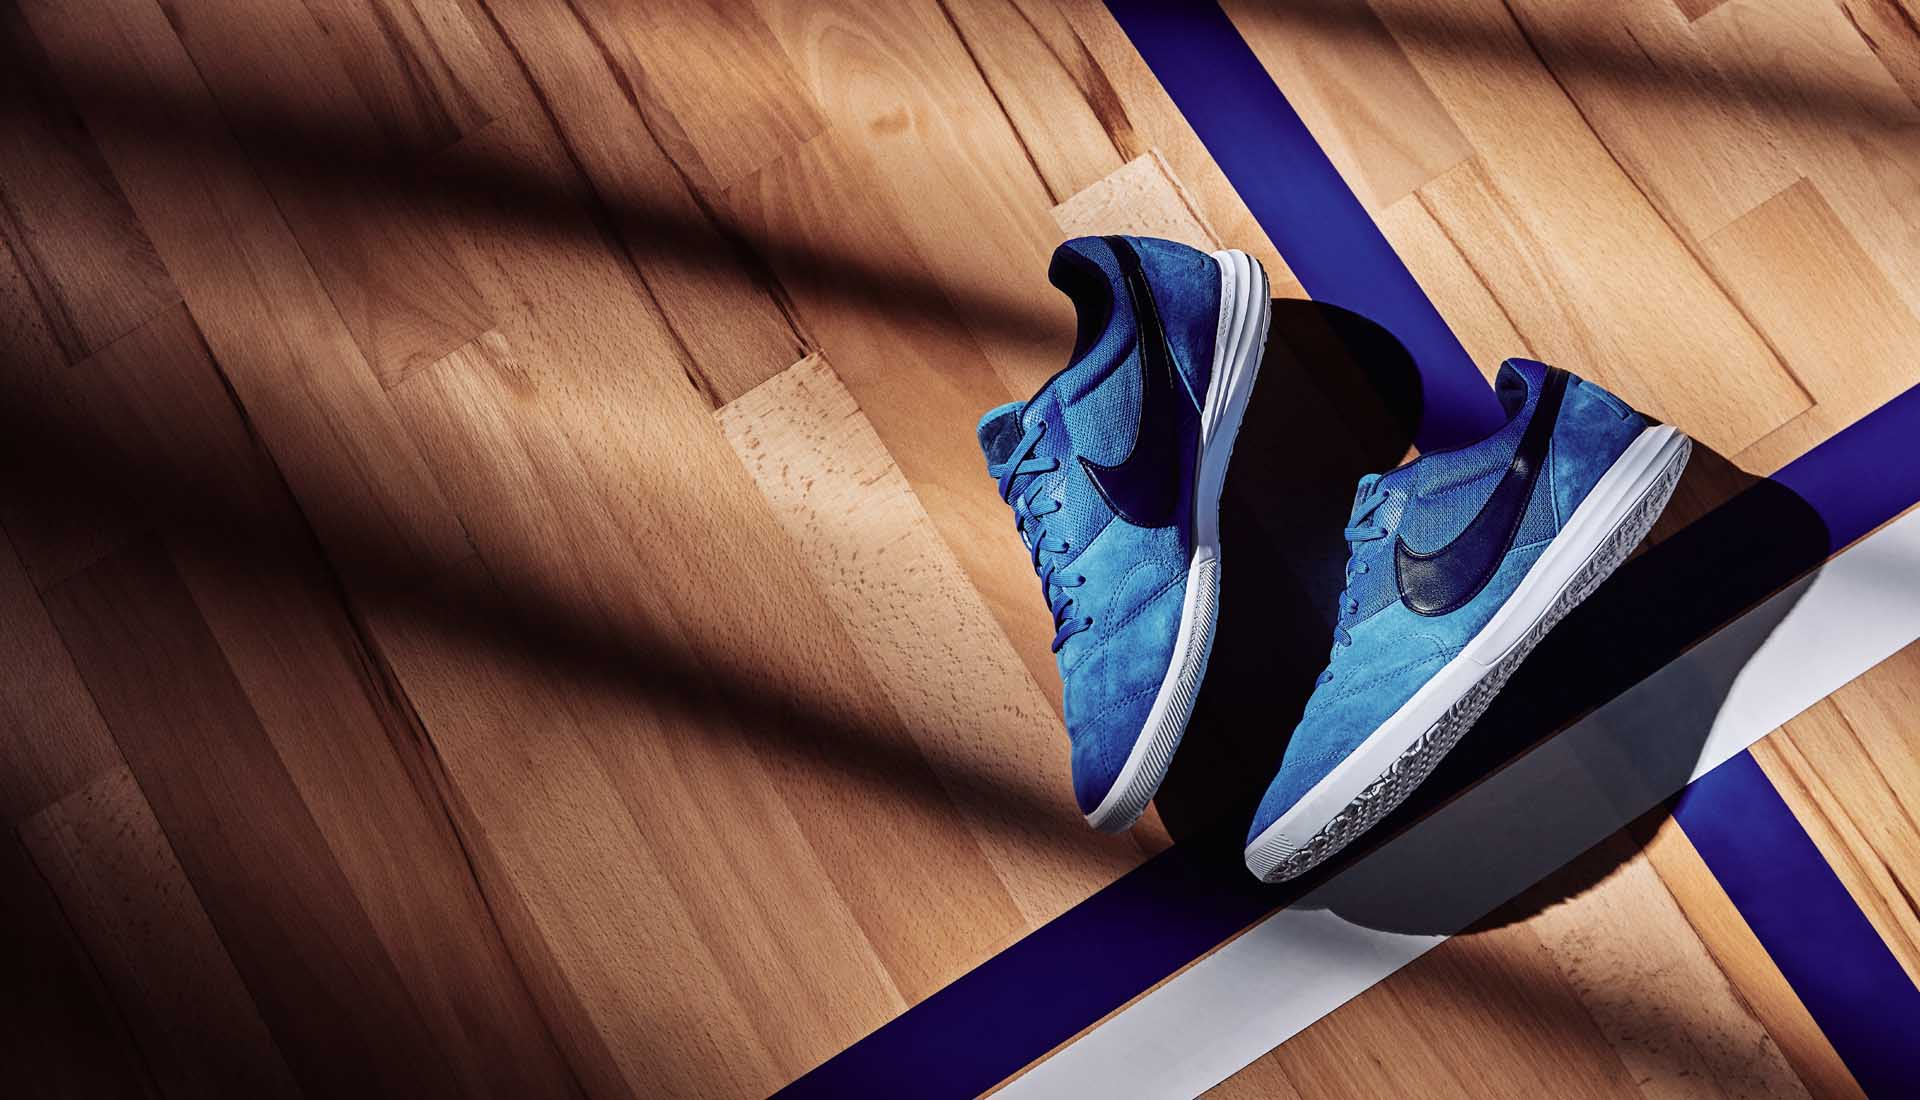 Giày bóng đá thương hiệu Nike với thiết kế đẹp mắt, chất lượng vượt trội